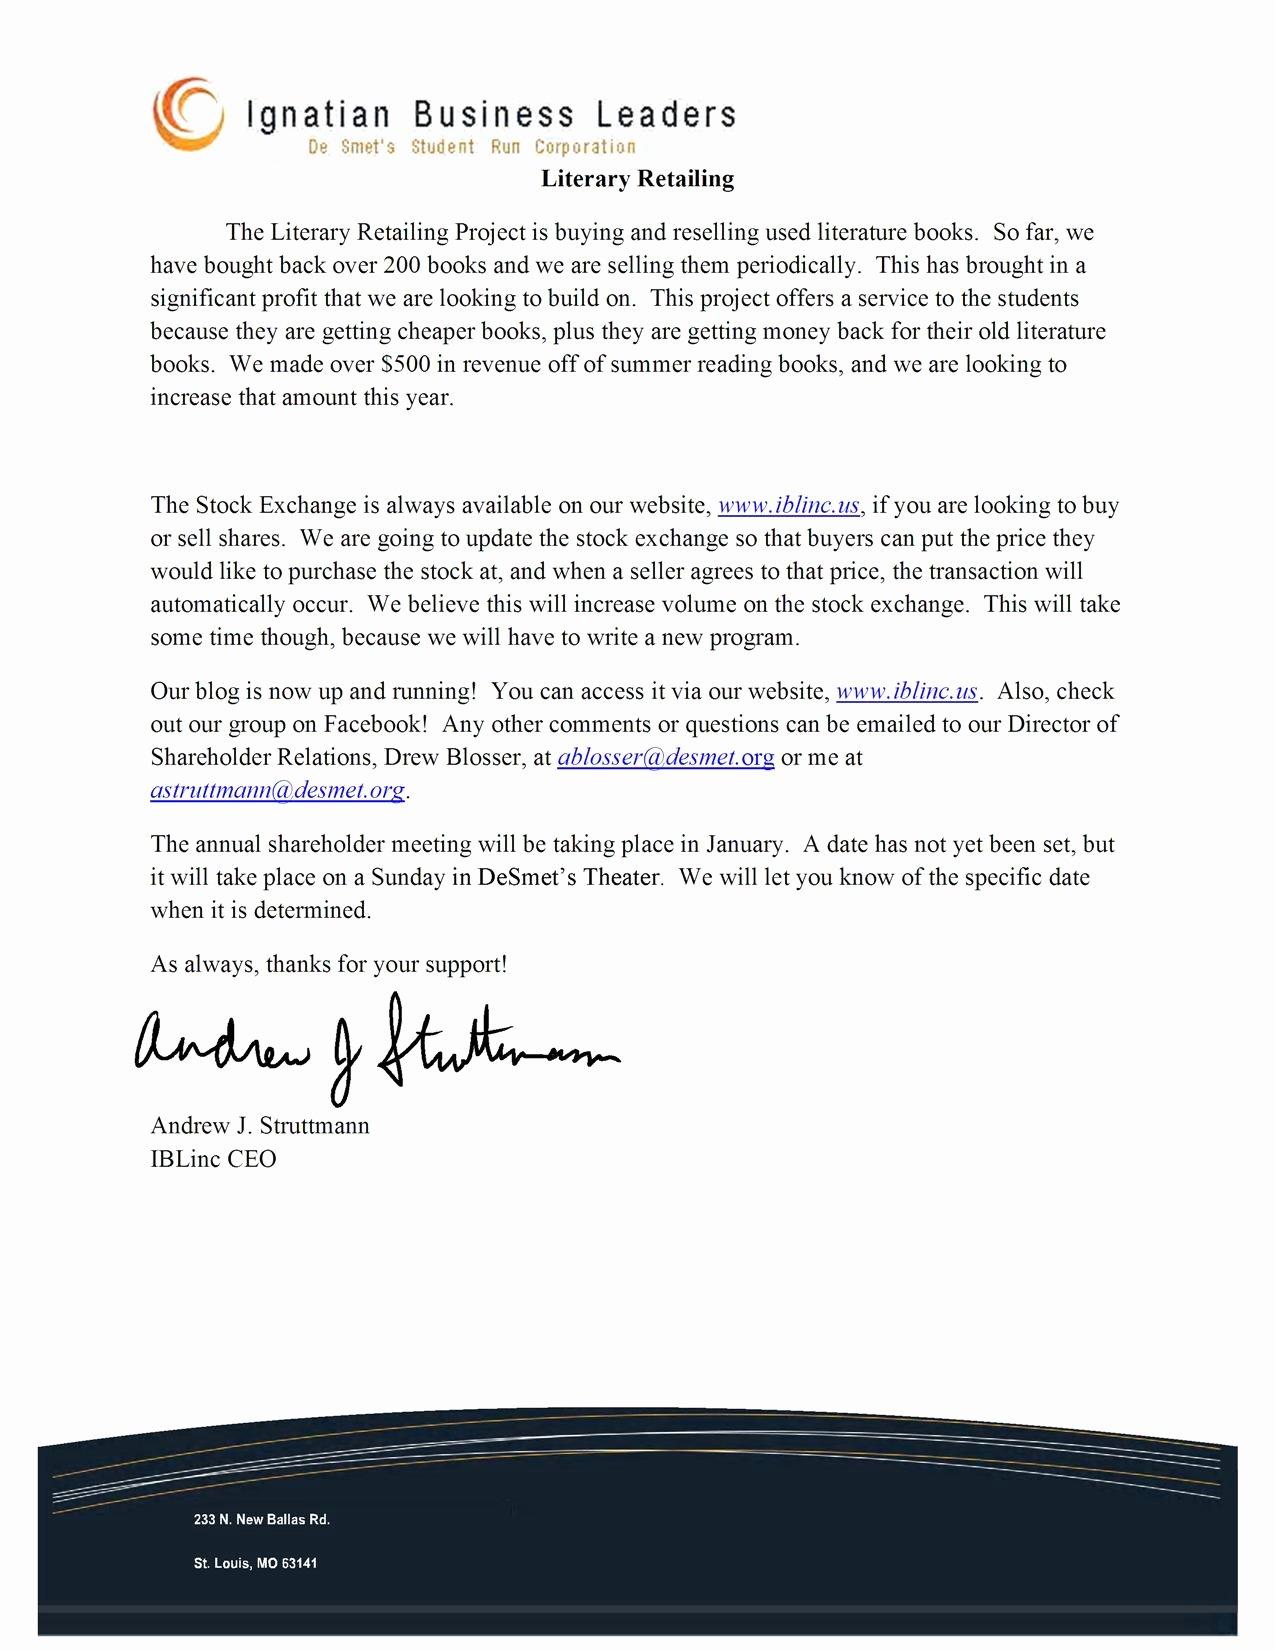 Shareholder Letter Examples New Ibl Inc